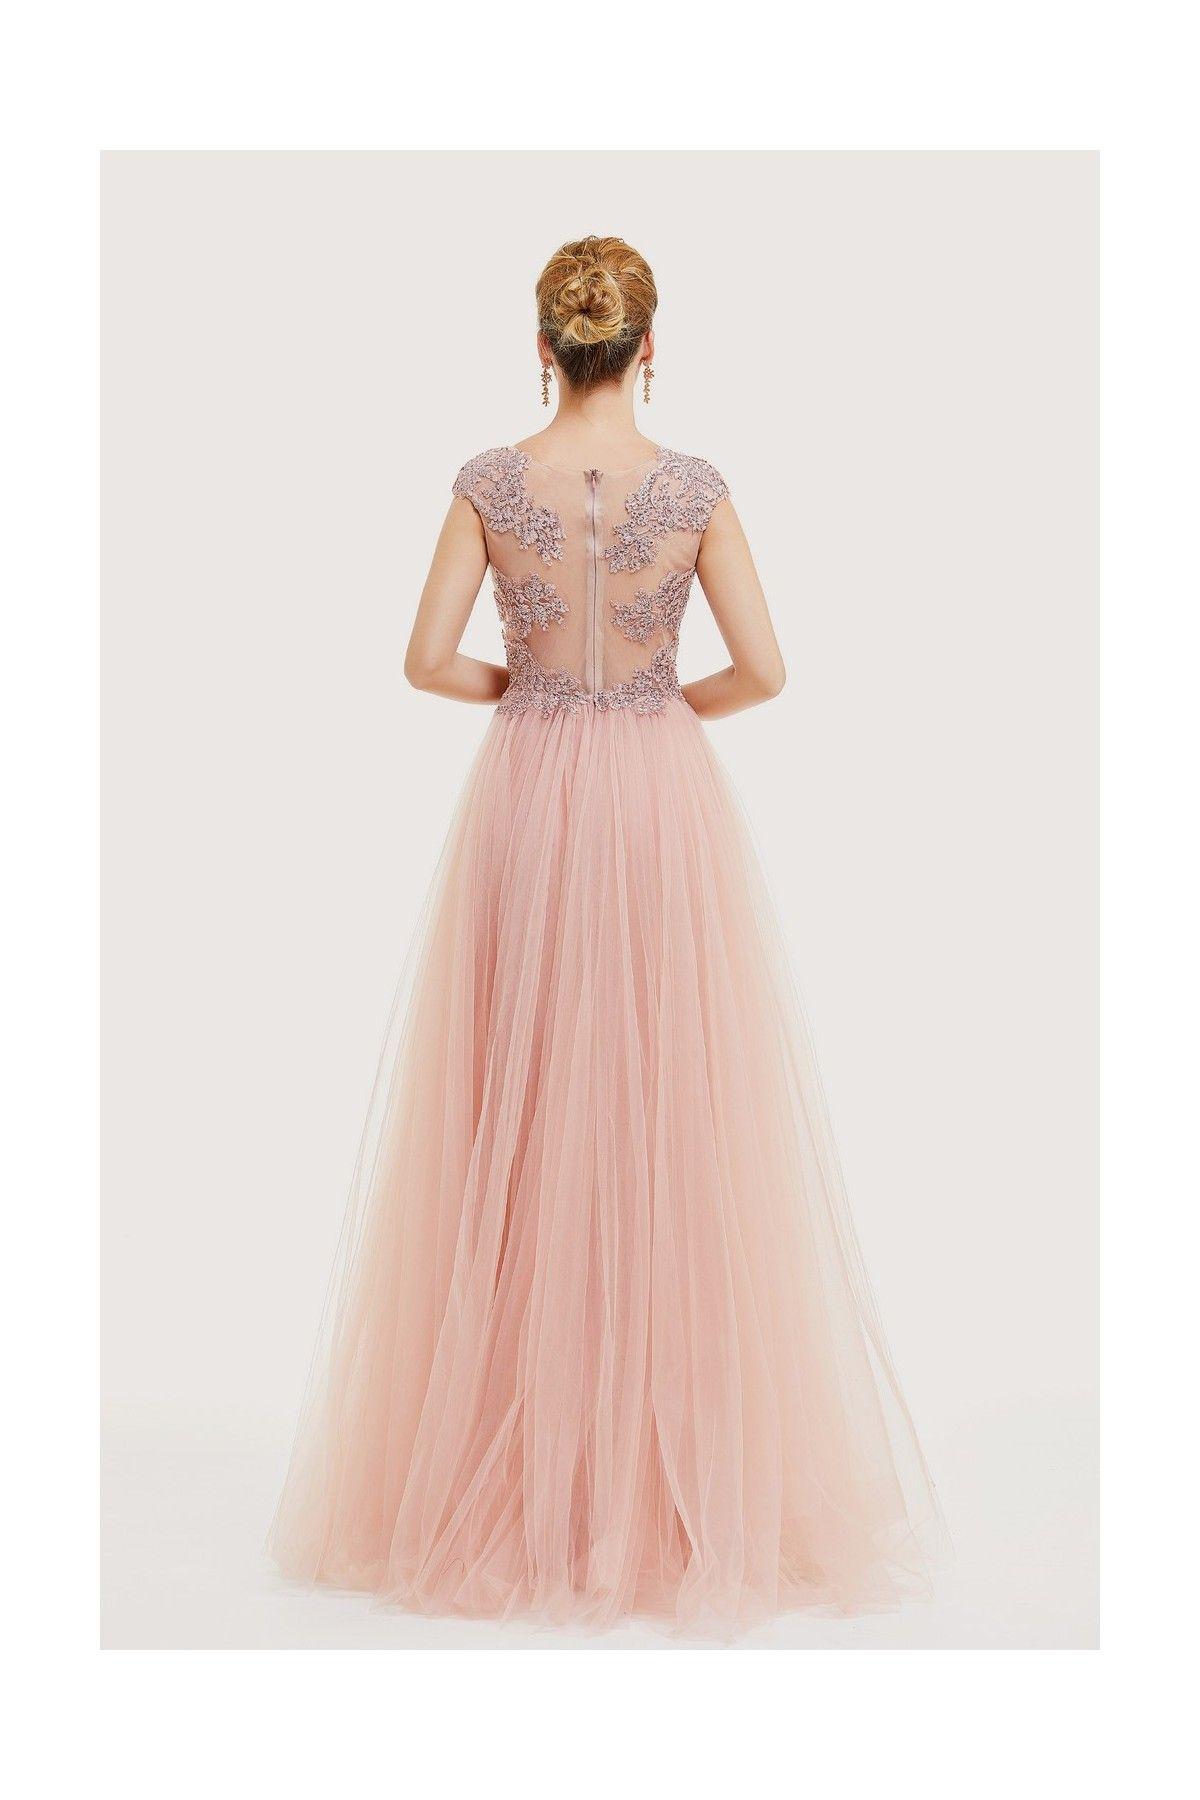 Robe Longue Rose Poudre Vieux Rose Bustier En Dentelle Et Strass